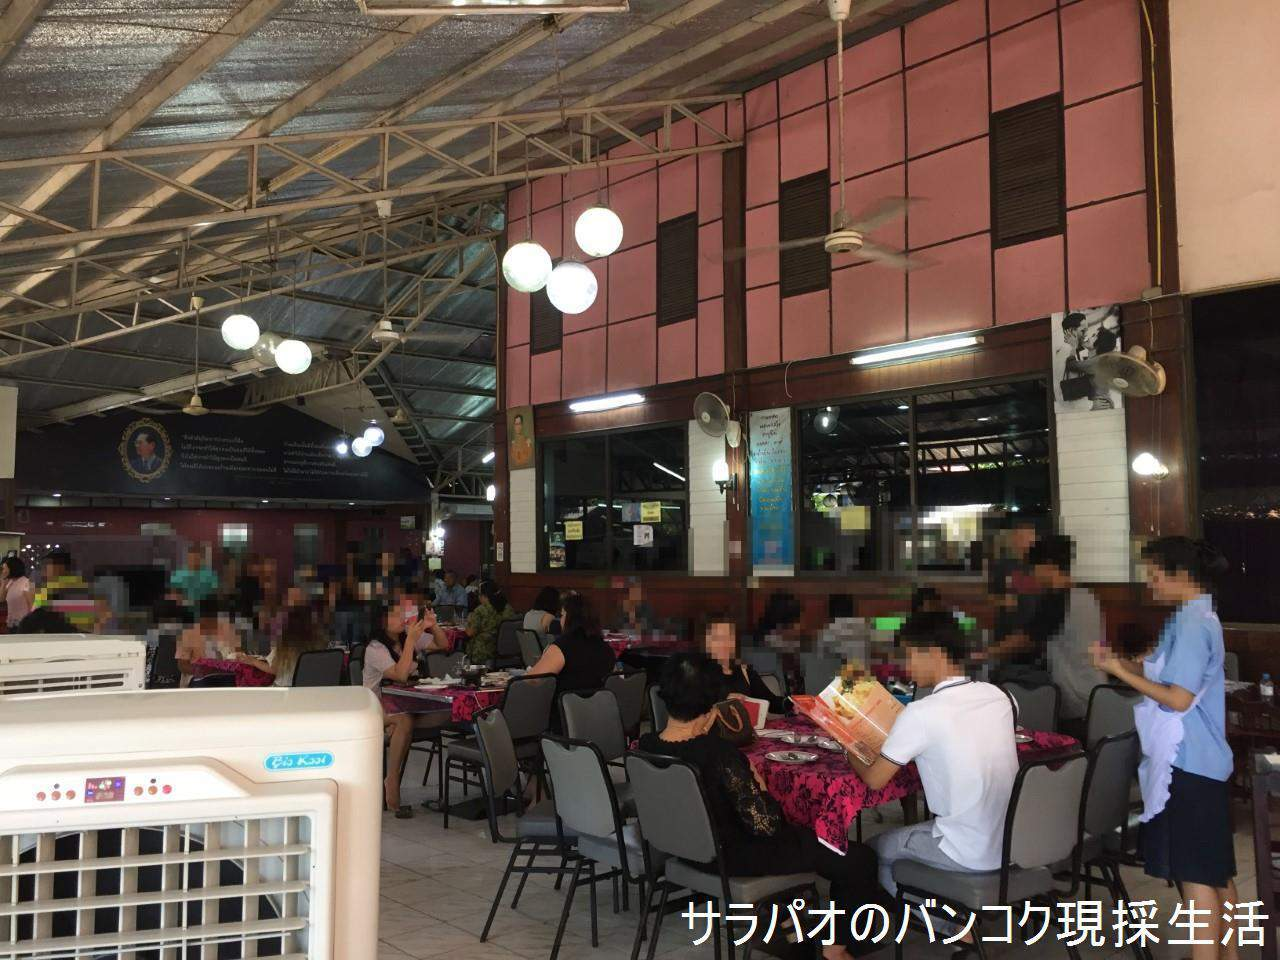 RestaurantNakhonPathom1_01.jpg